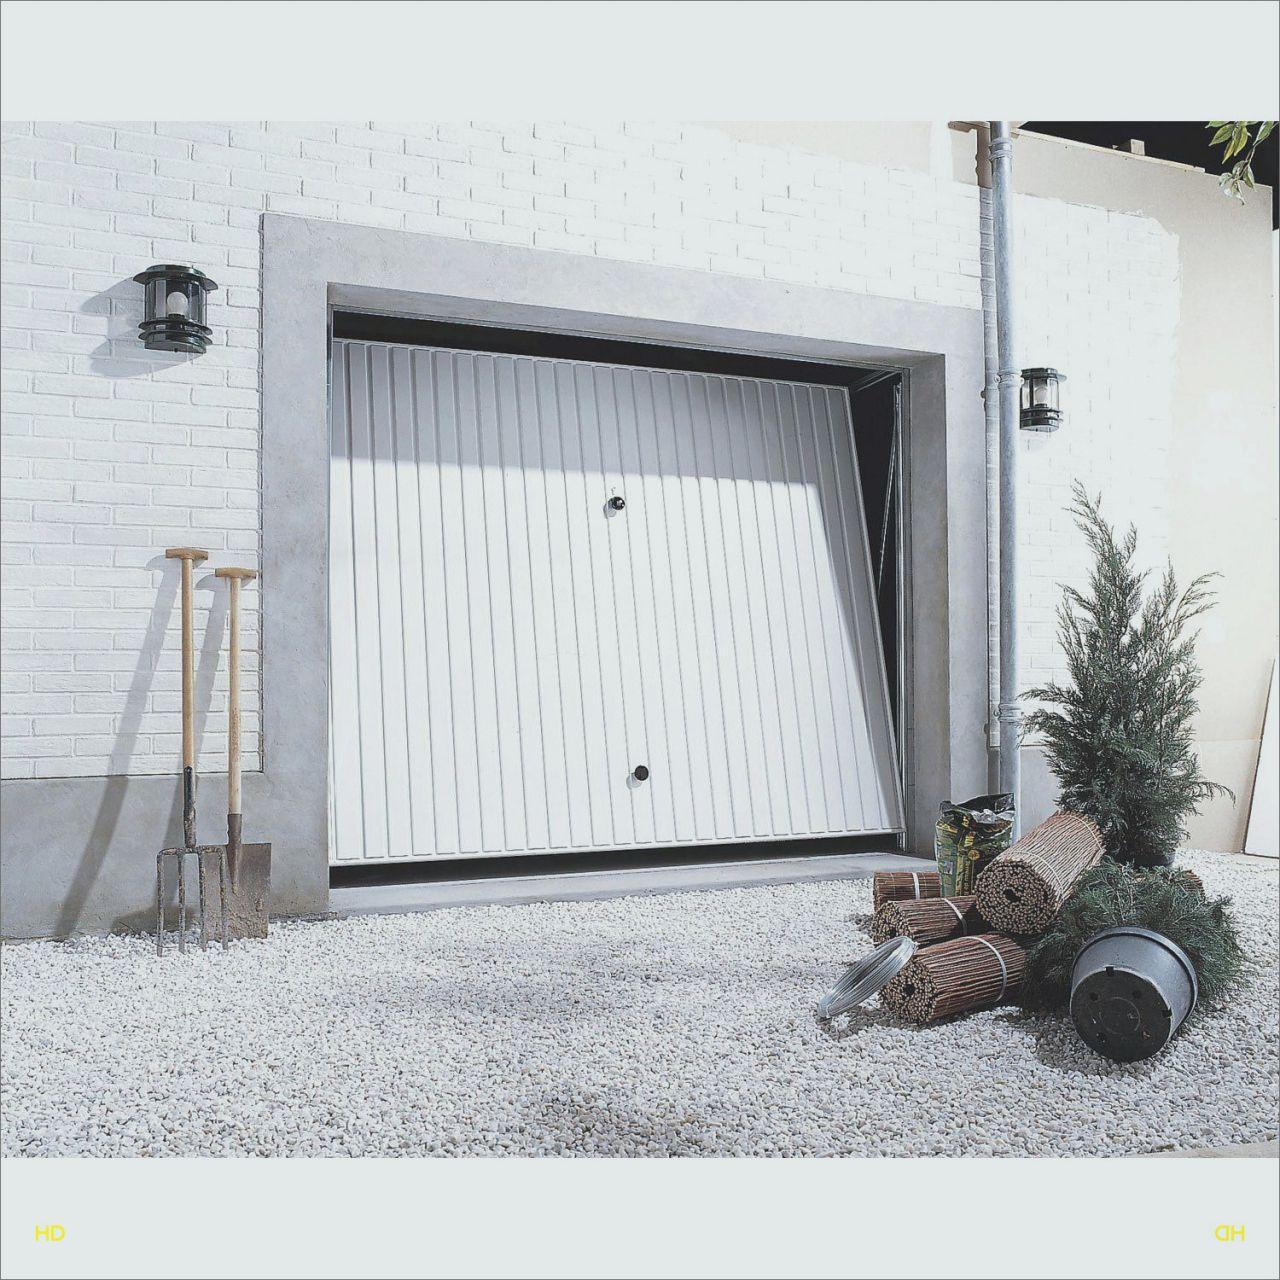 200 Porte De Garage Sectionnelle Electrique Check More At Https Www Dtvuy Info Porte De Garage Sectionnelle Electrique